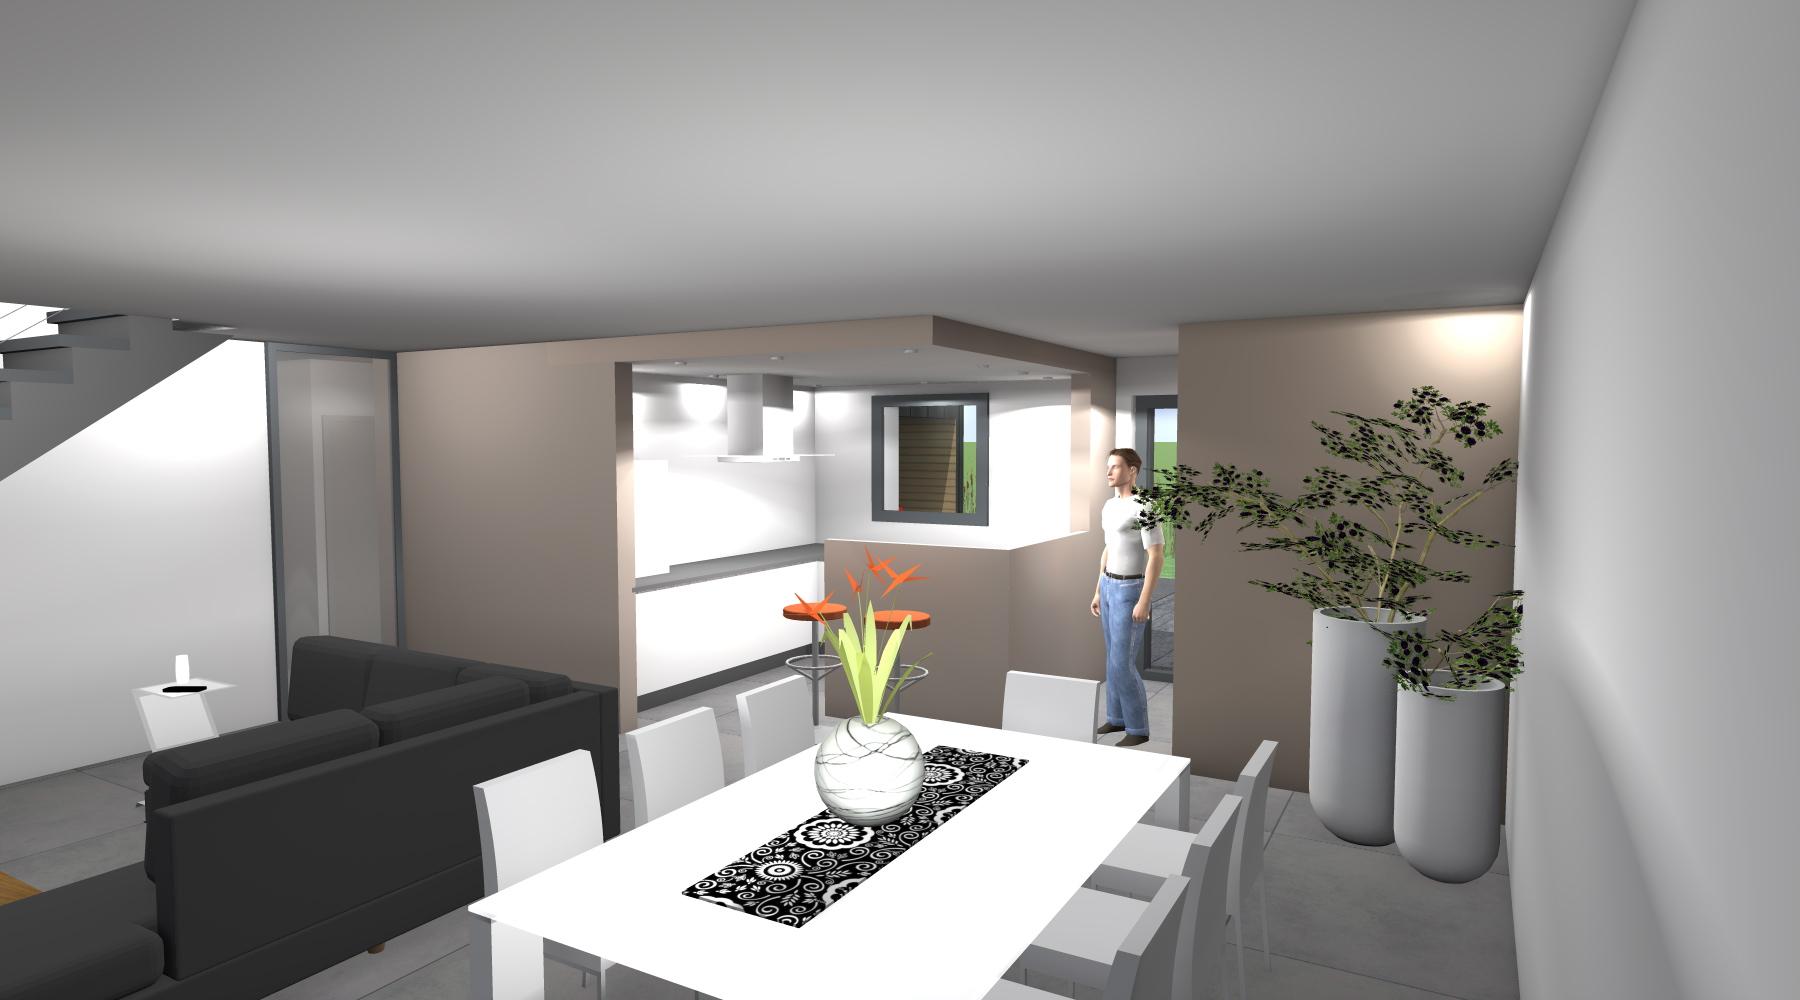 Projet lf lf 1 2 vue architecte lise roturier rennes 35000 - Decoration interieur rennes ...